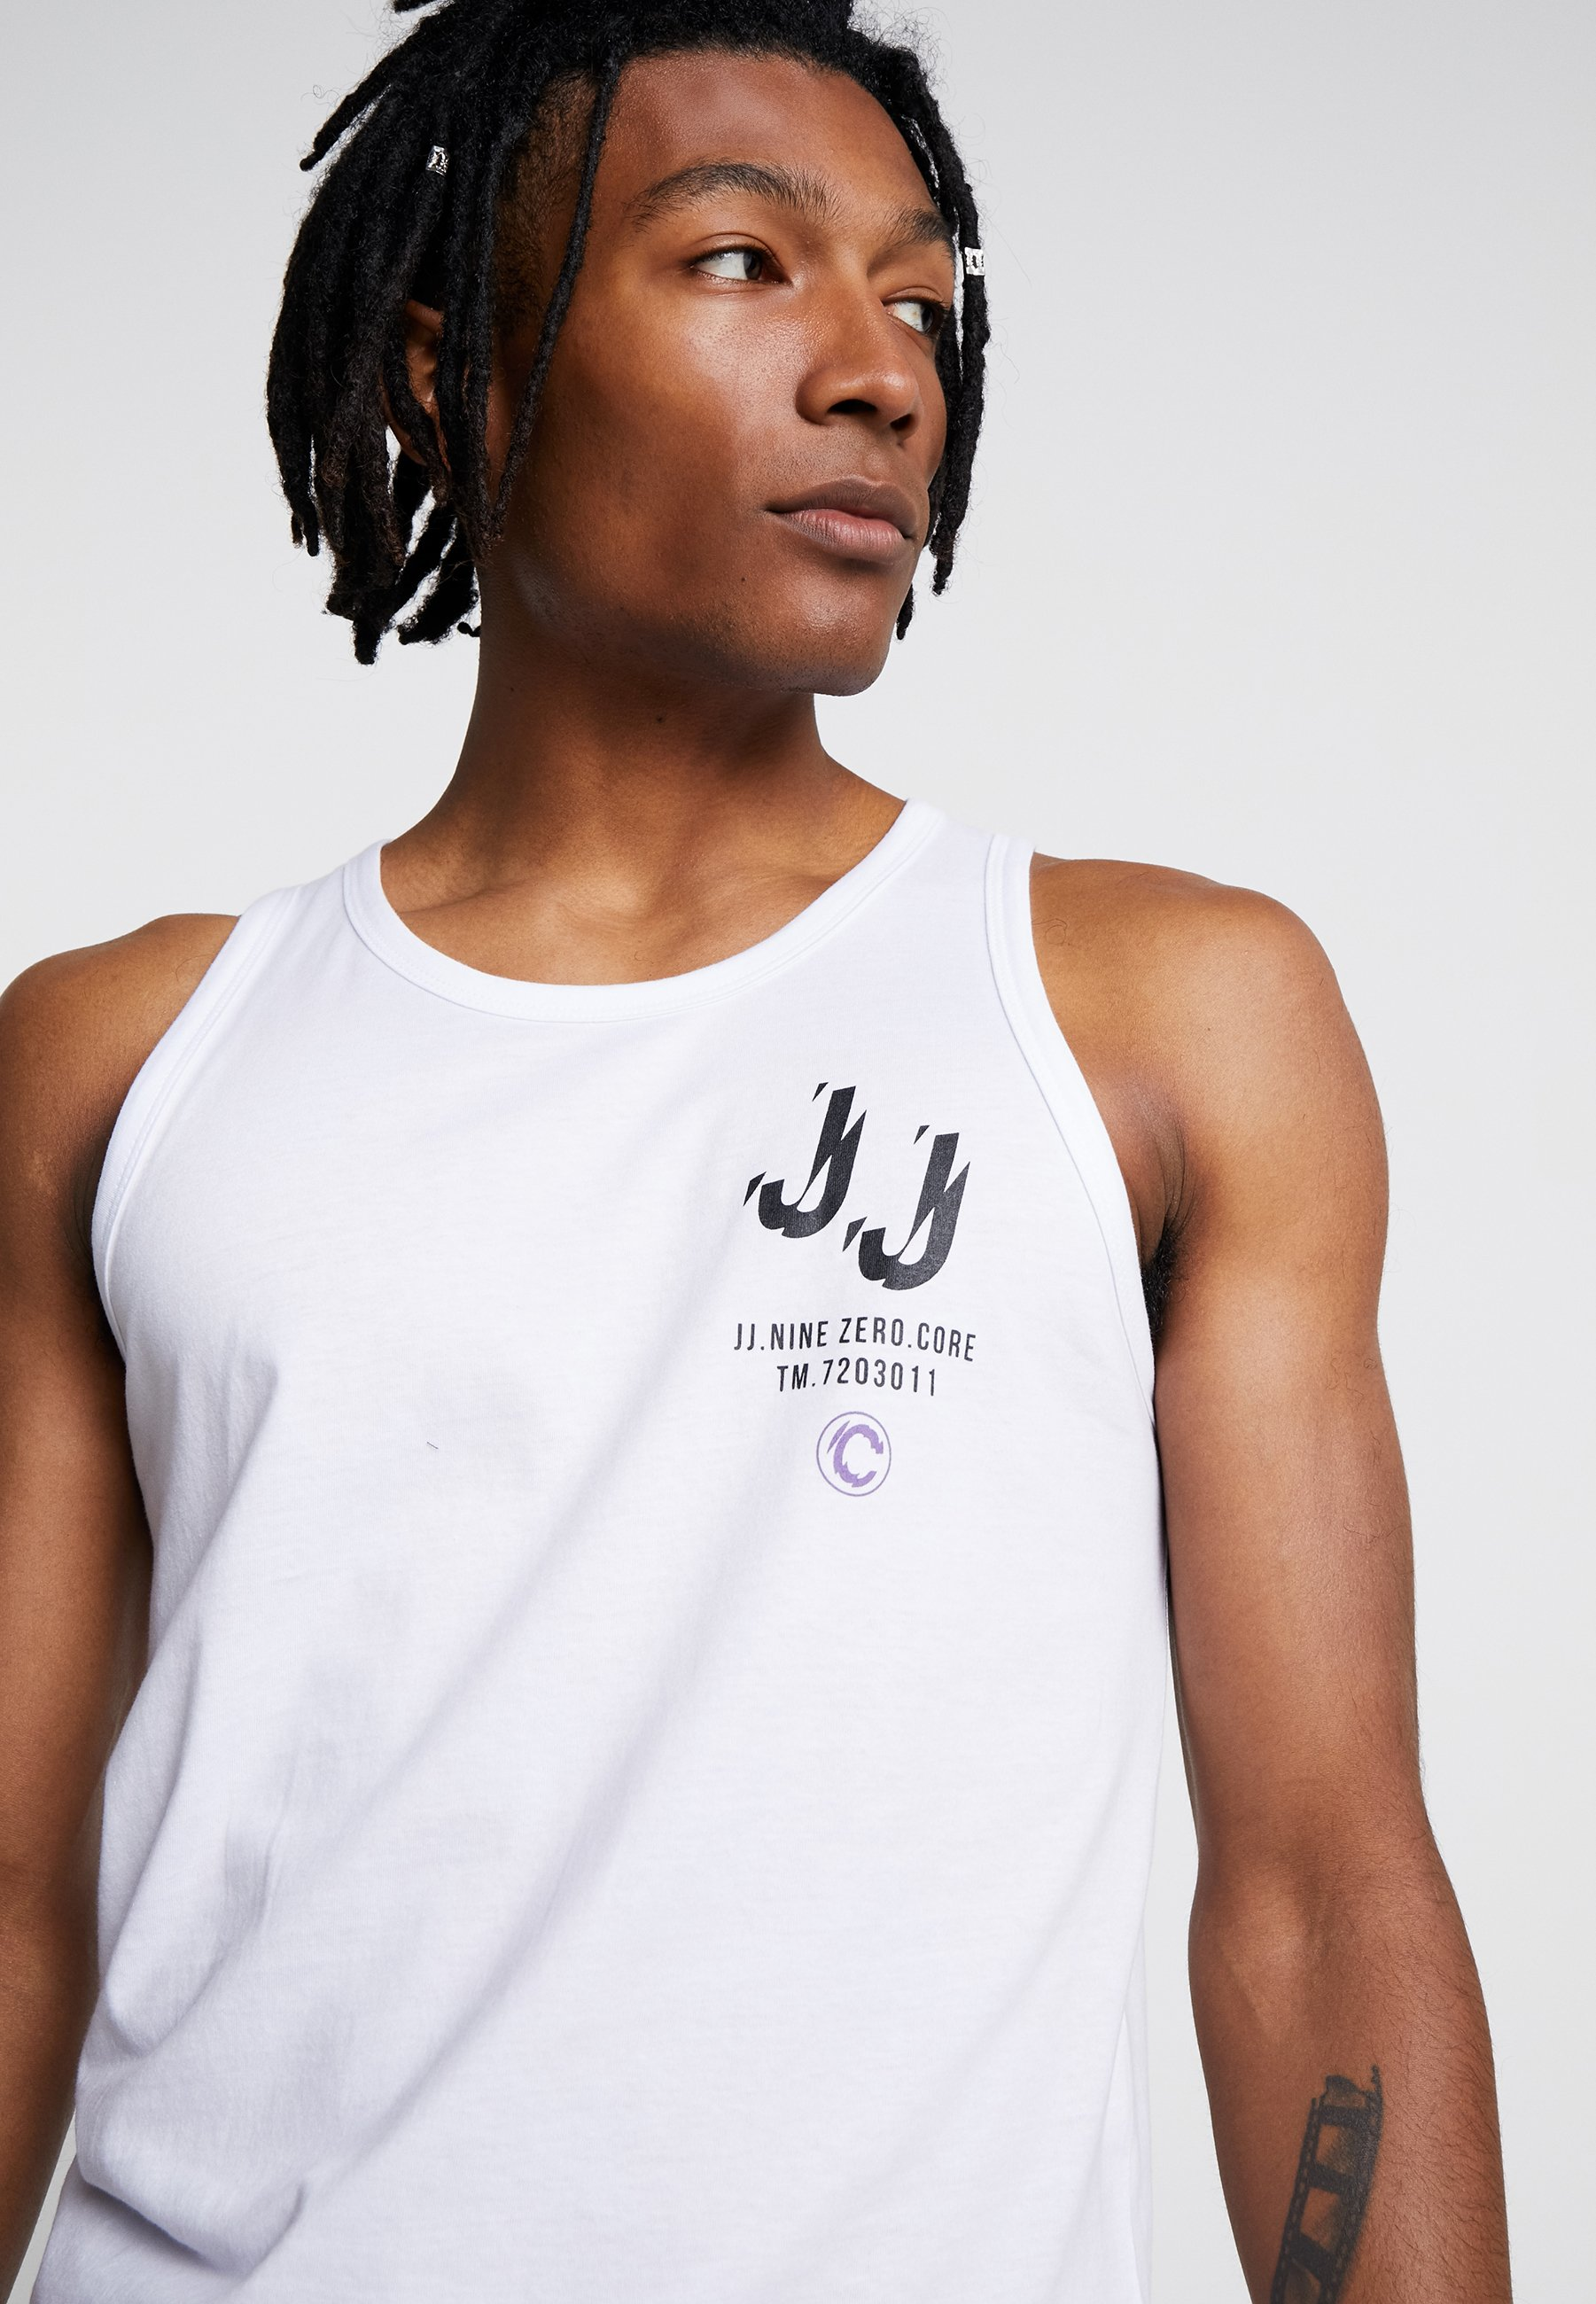 Jones Jones Jones Jackamp; JcoshadeTop Jackamp; White JcoshadeTop Jackamp; White XPkOiZu